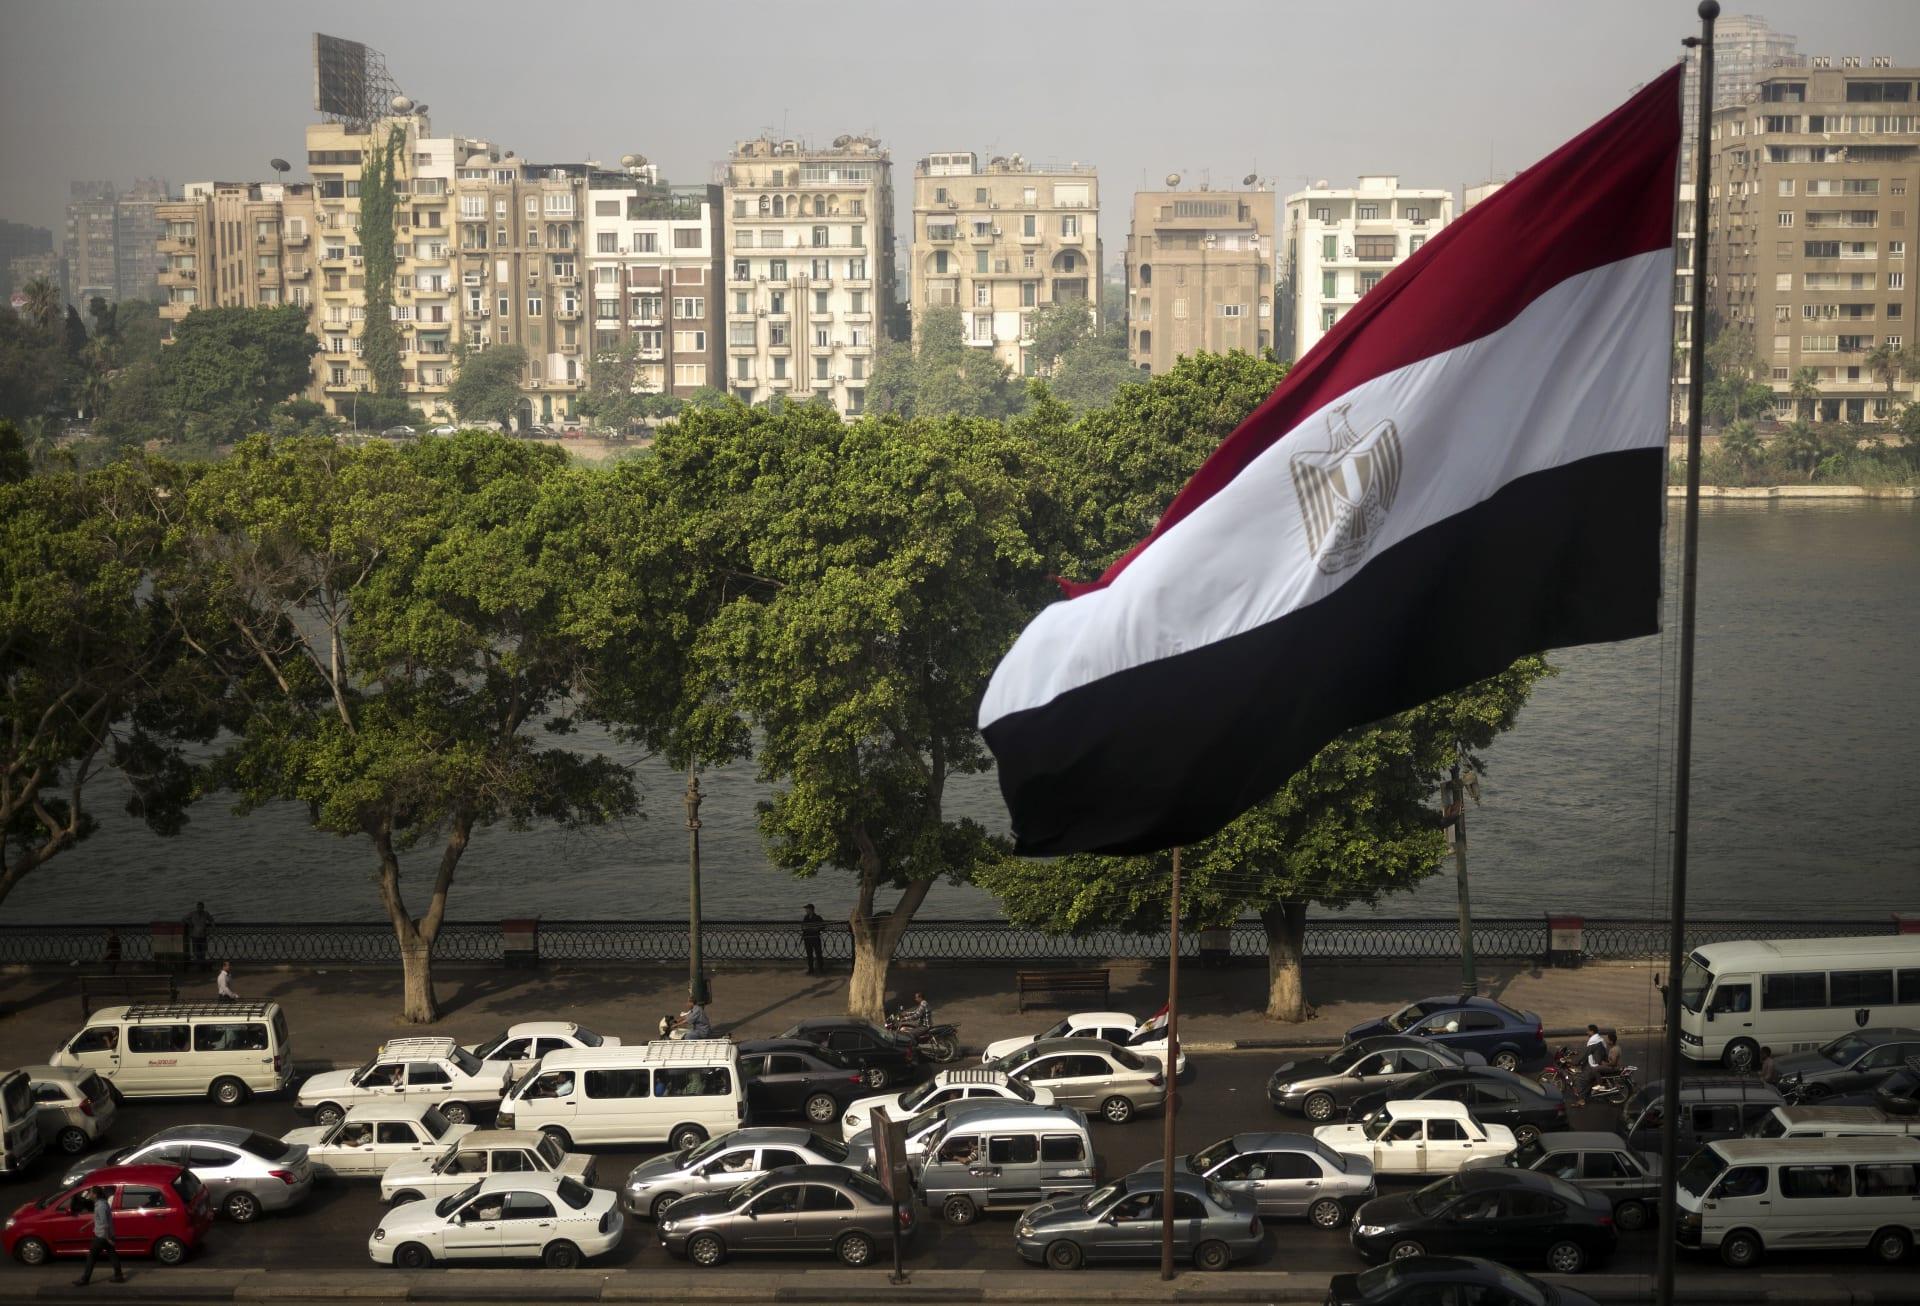 صورة ارشيفية عامة من القاهرة